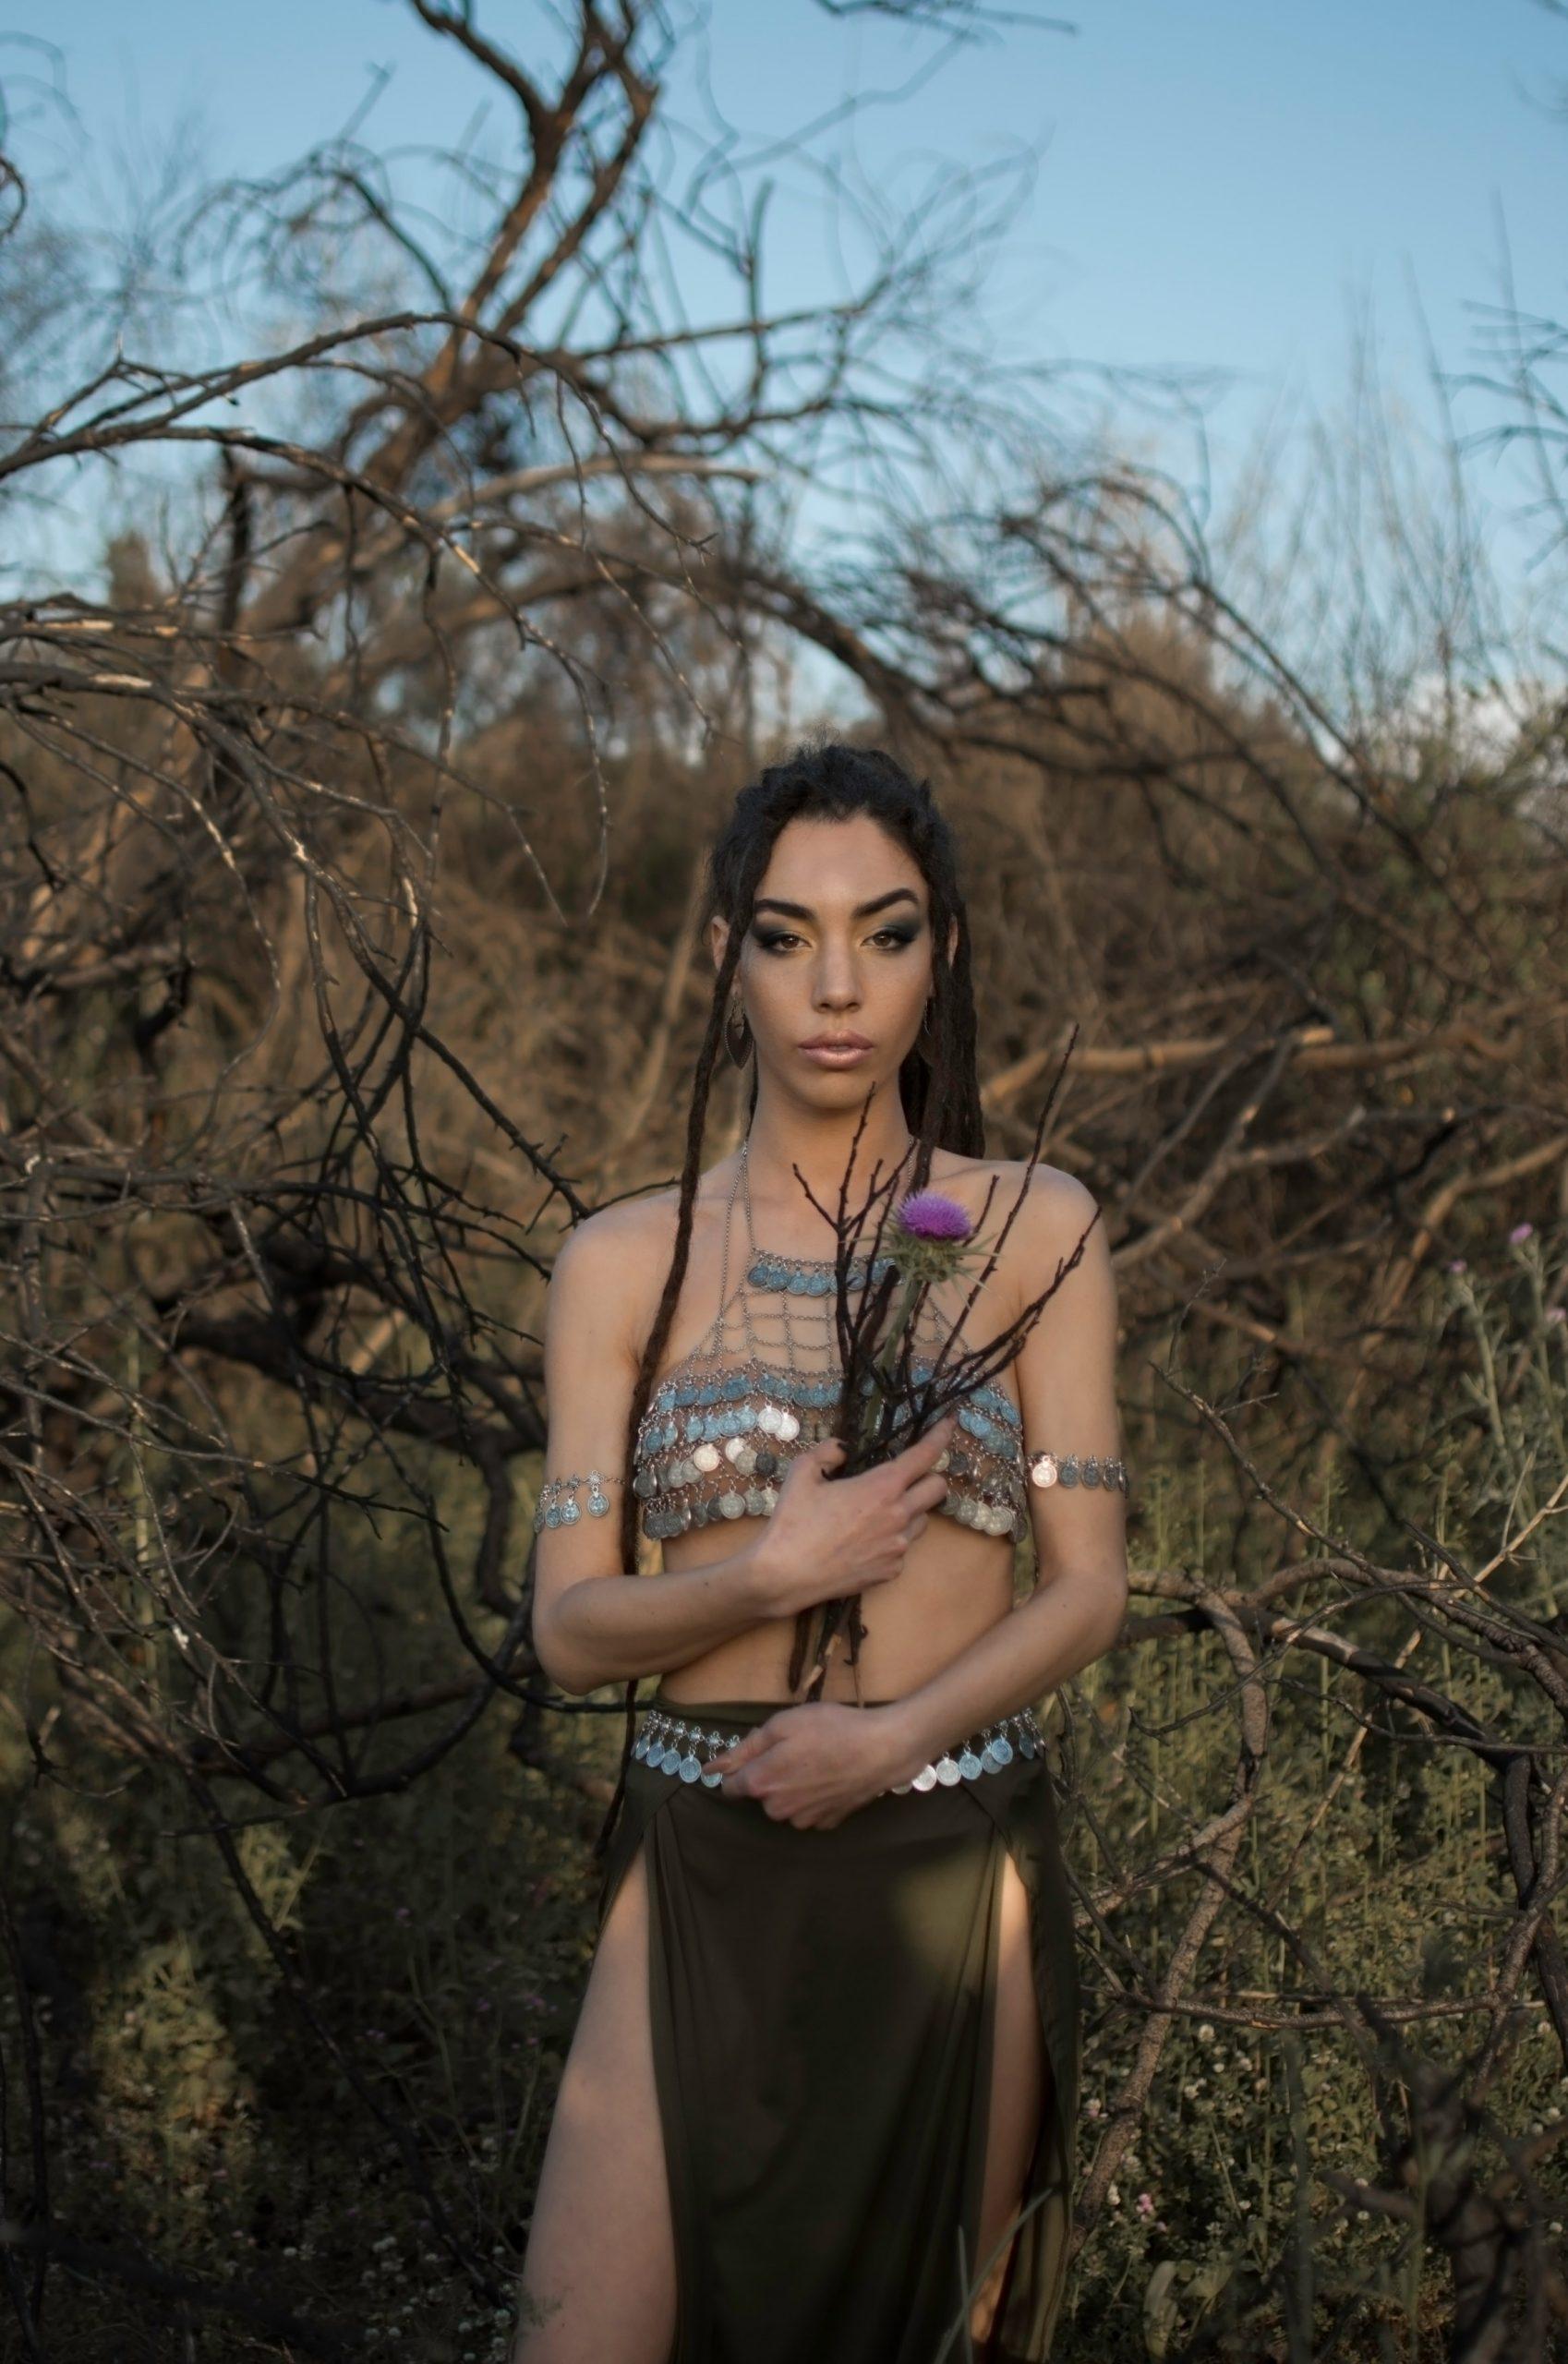 Categorie: Glamour, Portrait - Photographer & Model: VALERIA DE RISO; Model: GAIA FREDA; Mua: SONIA VITOLO; Stylist: TIZIANA SANTORO - Location: Cellole, CE, Italia